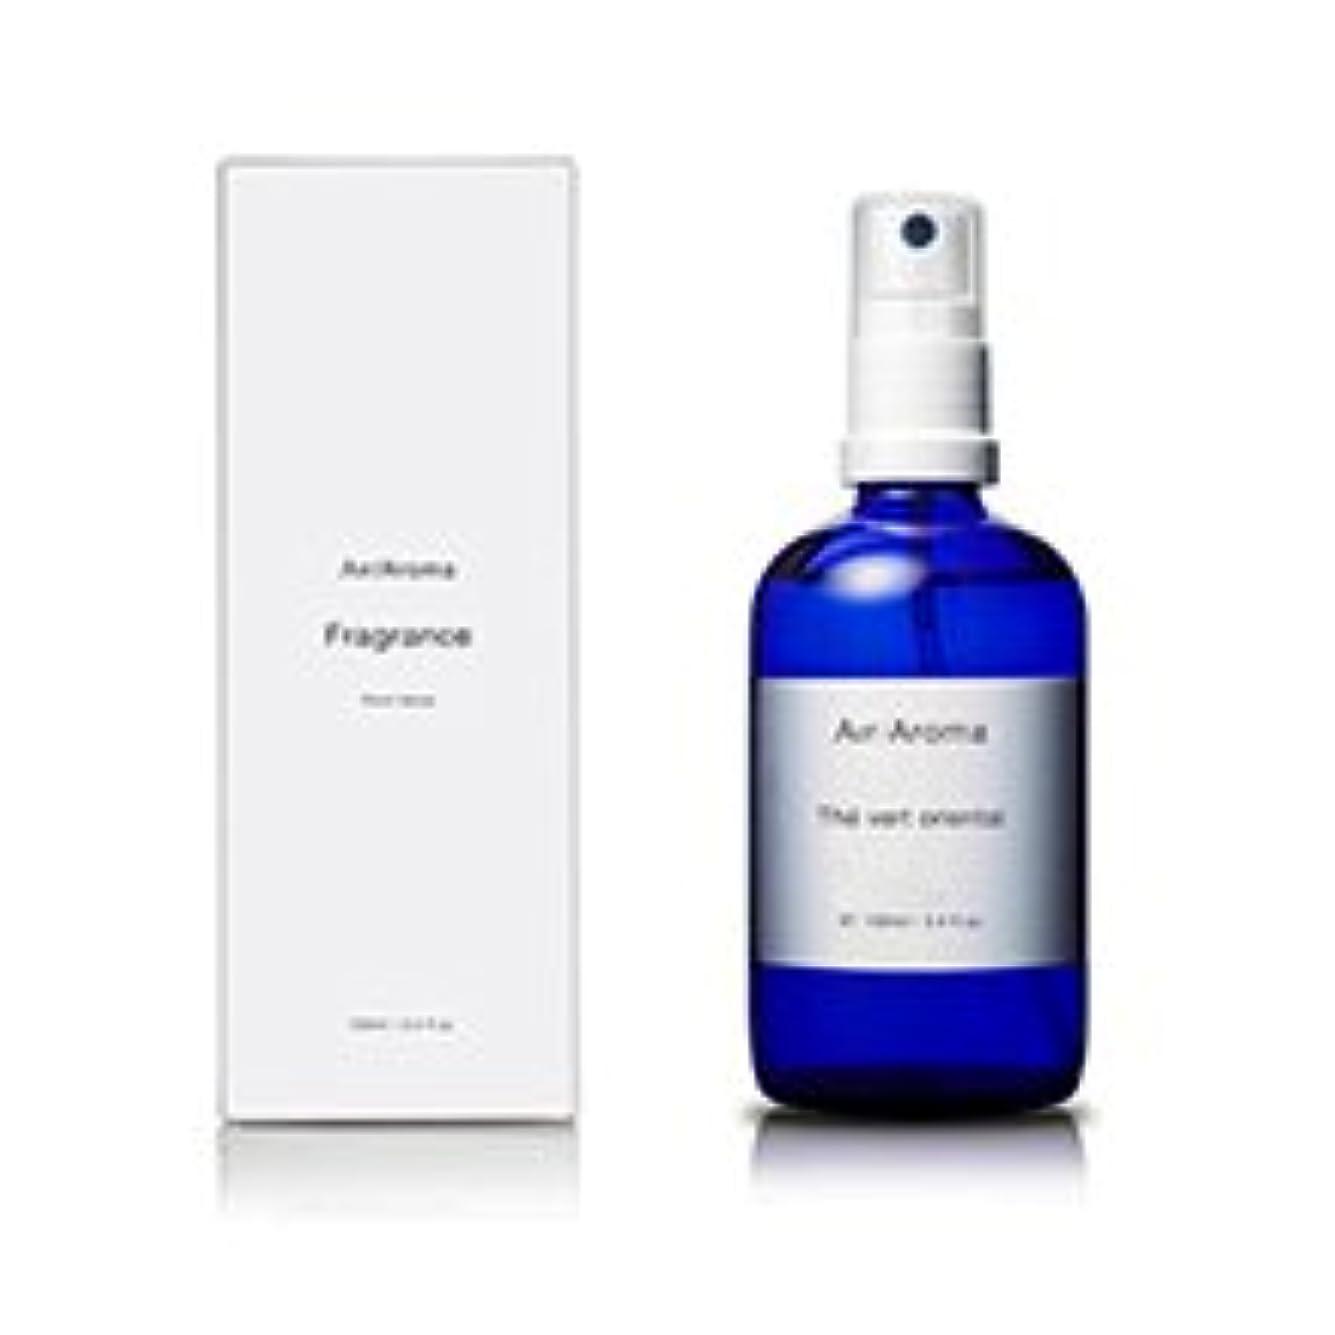 けん引週間剣エアアロマ the vert oriental room fragrance(テヴェールオリエンタル ルームフレグランス) 100ml